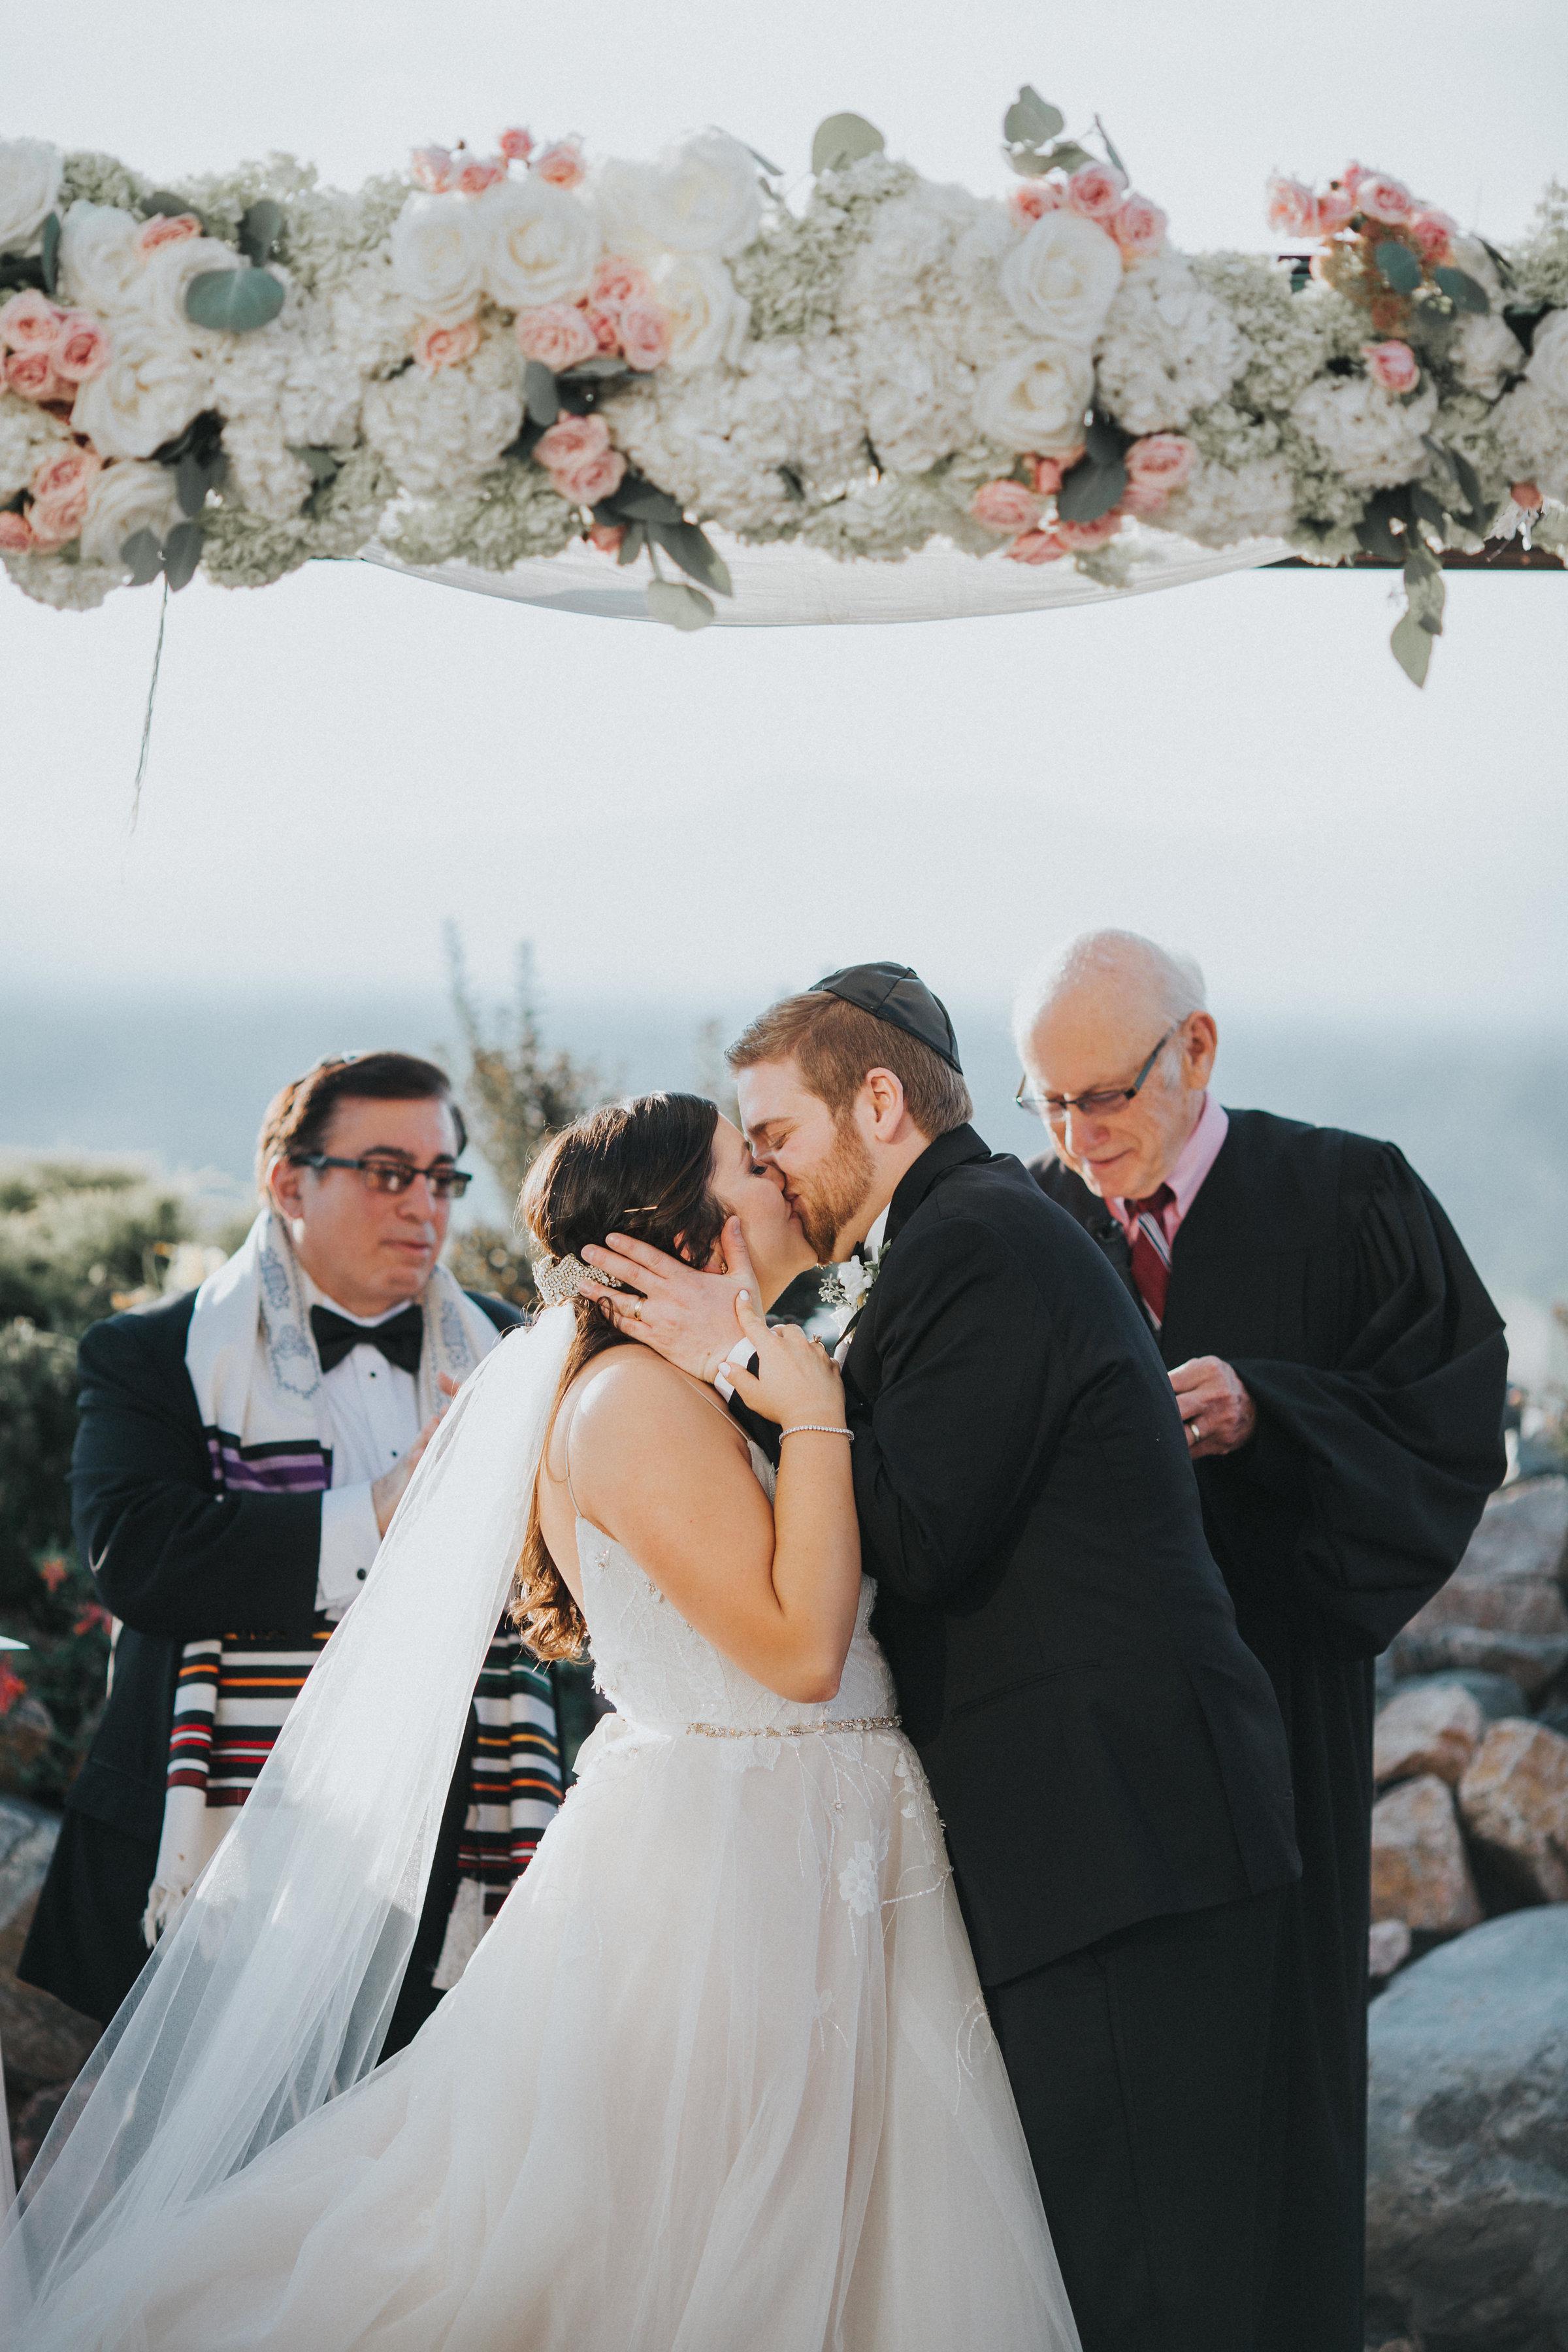 kayla_sammy_wedding-703.jpg